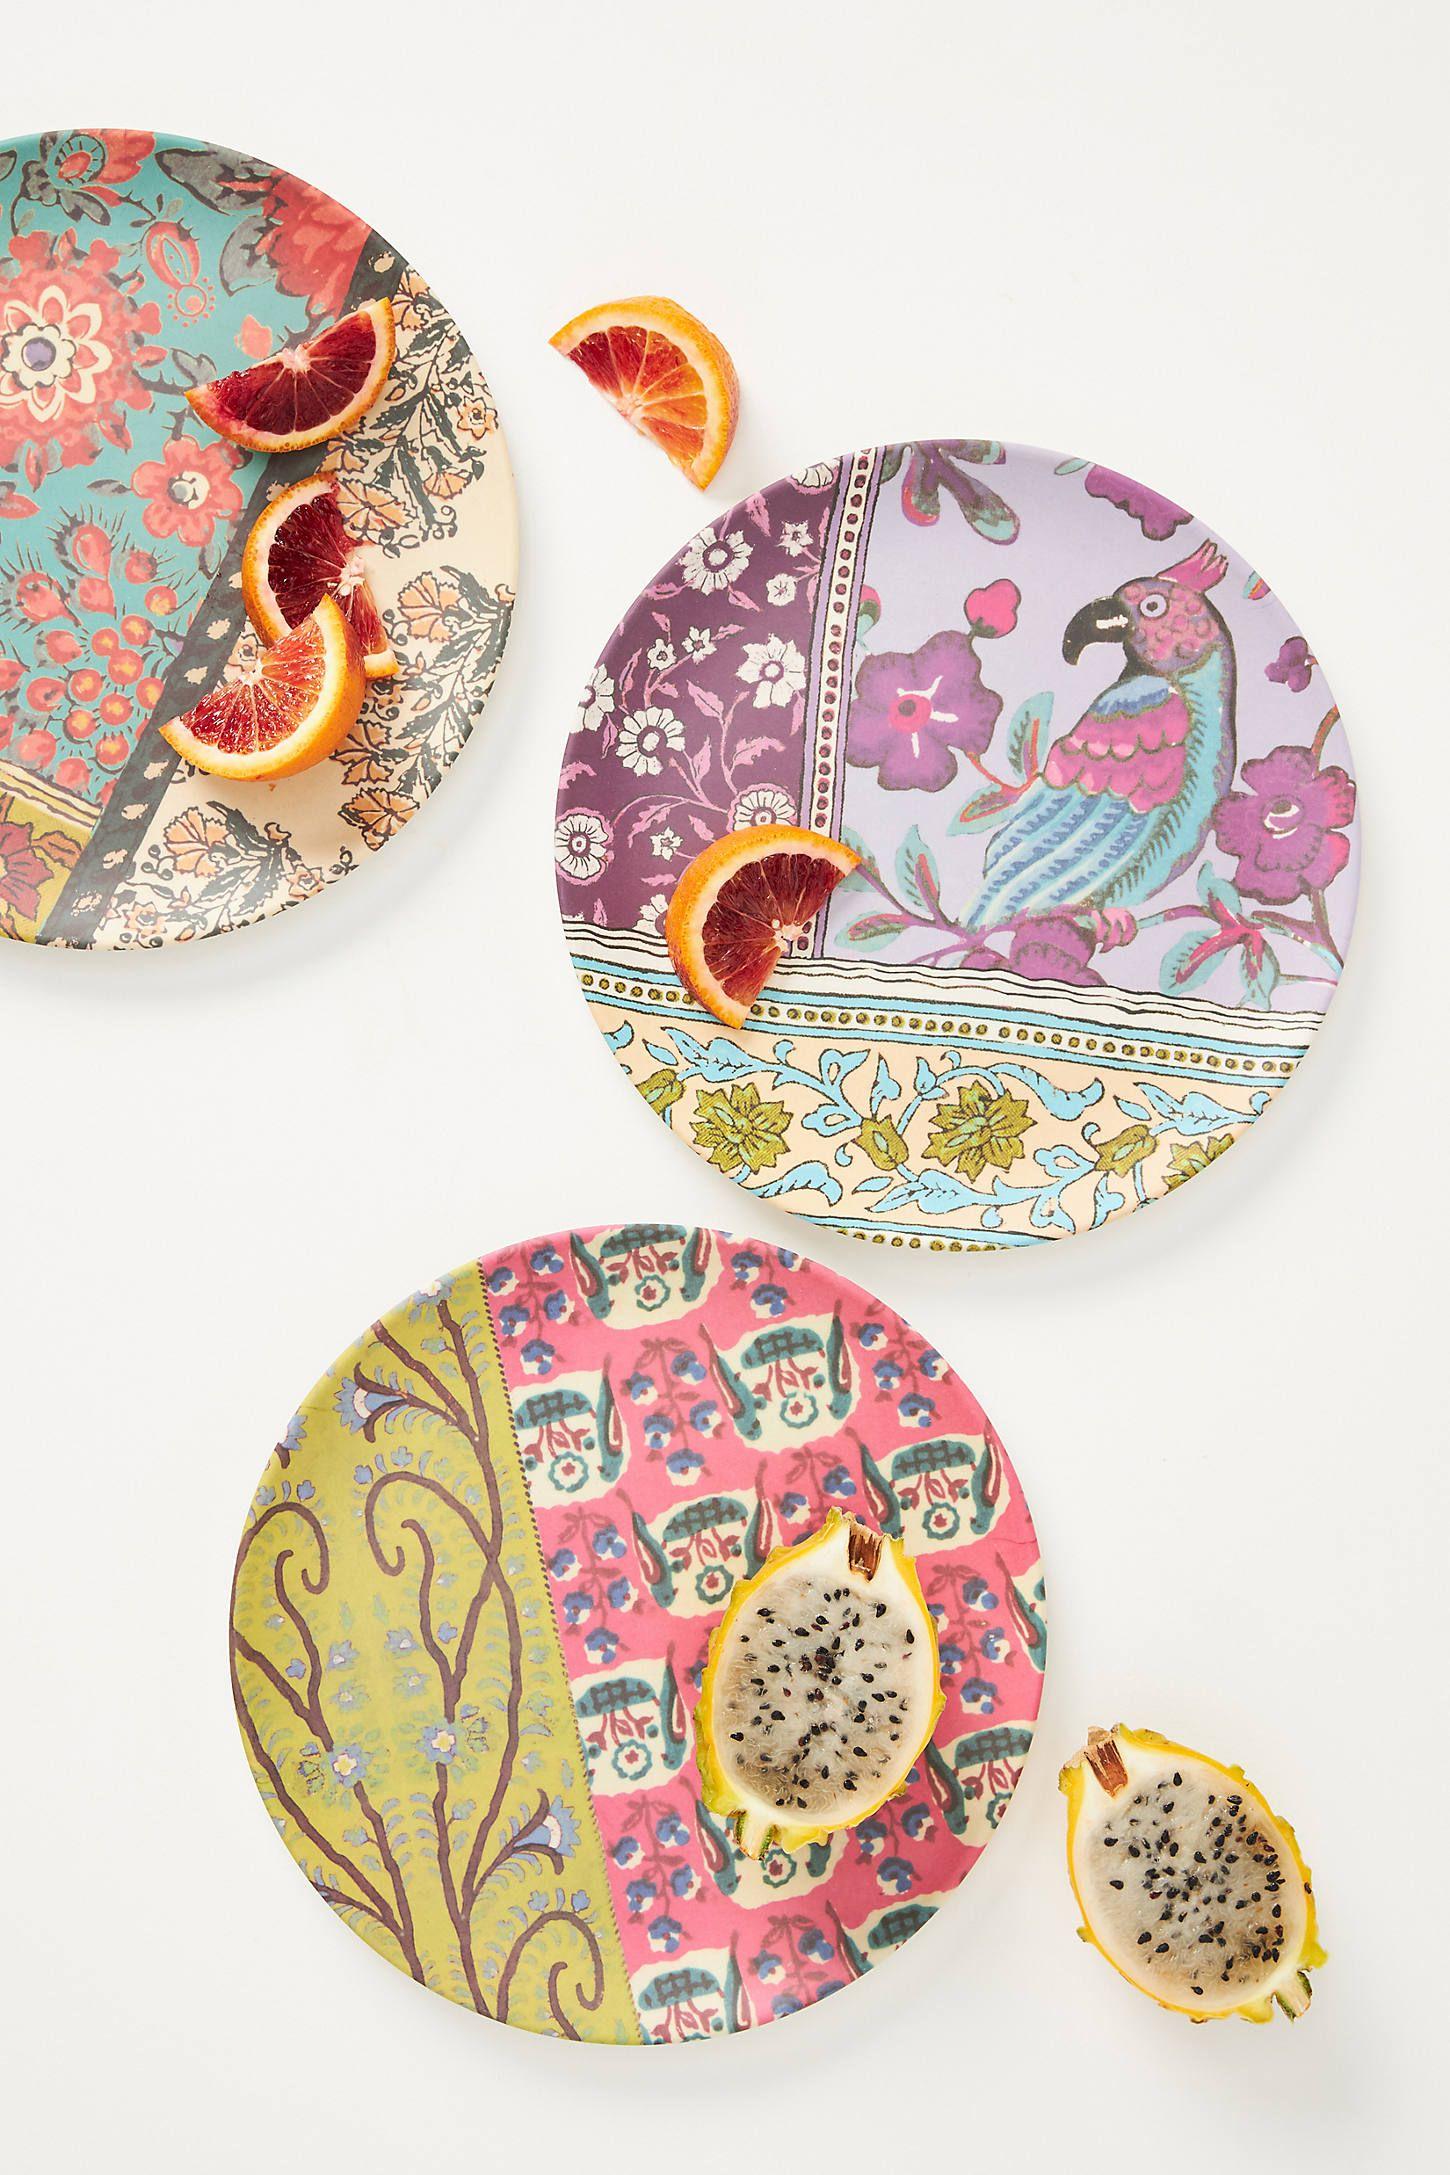 Blockprint Bamboo Melamine Dinner Plate In 2020 Melamine Dinner Plates Pottery Painting Designs Dinner Plates